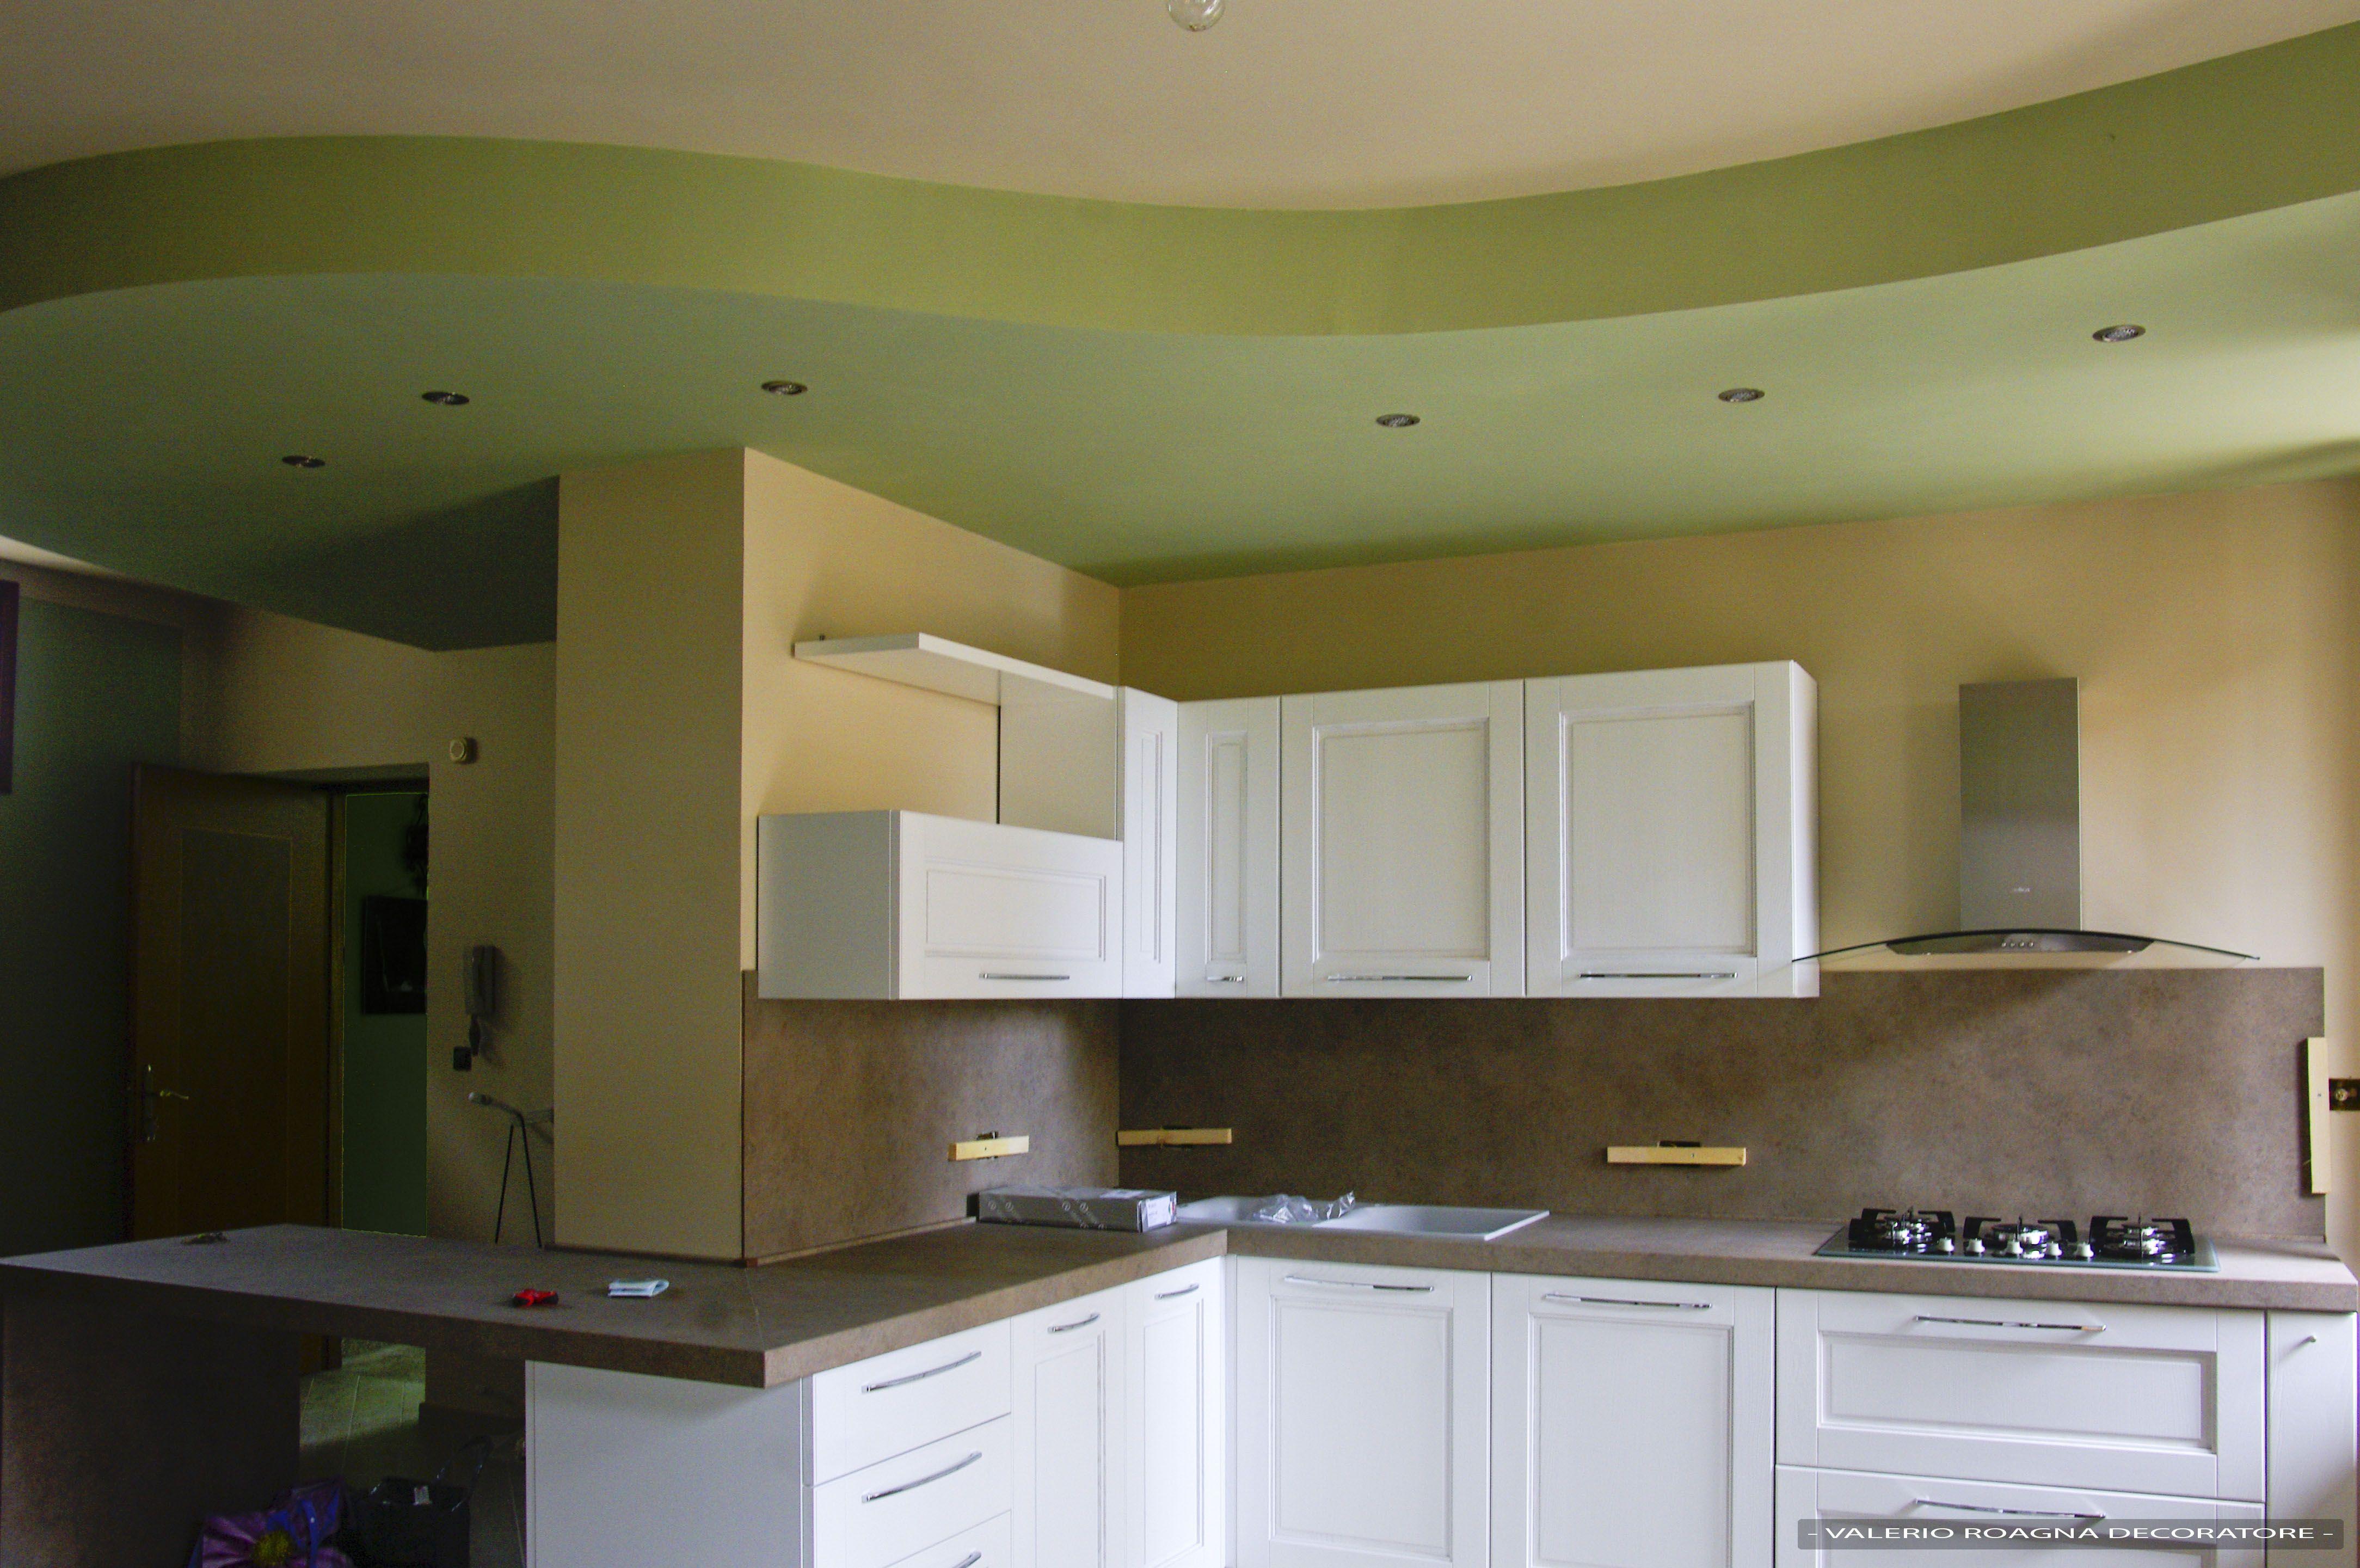 Soffitti In Cartongesso Cucina : Cucina con contro soffitto in cartongesso i miei lavori nel